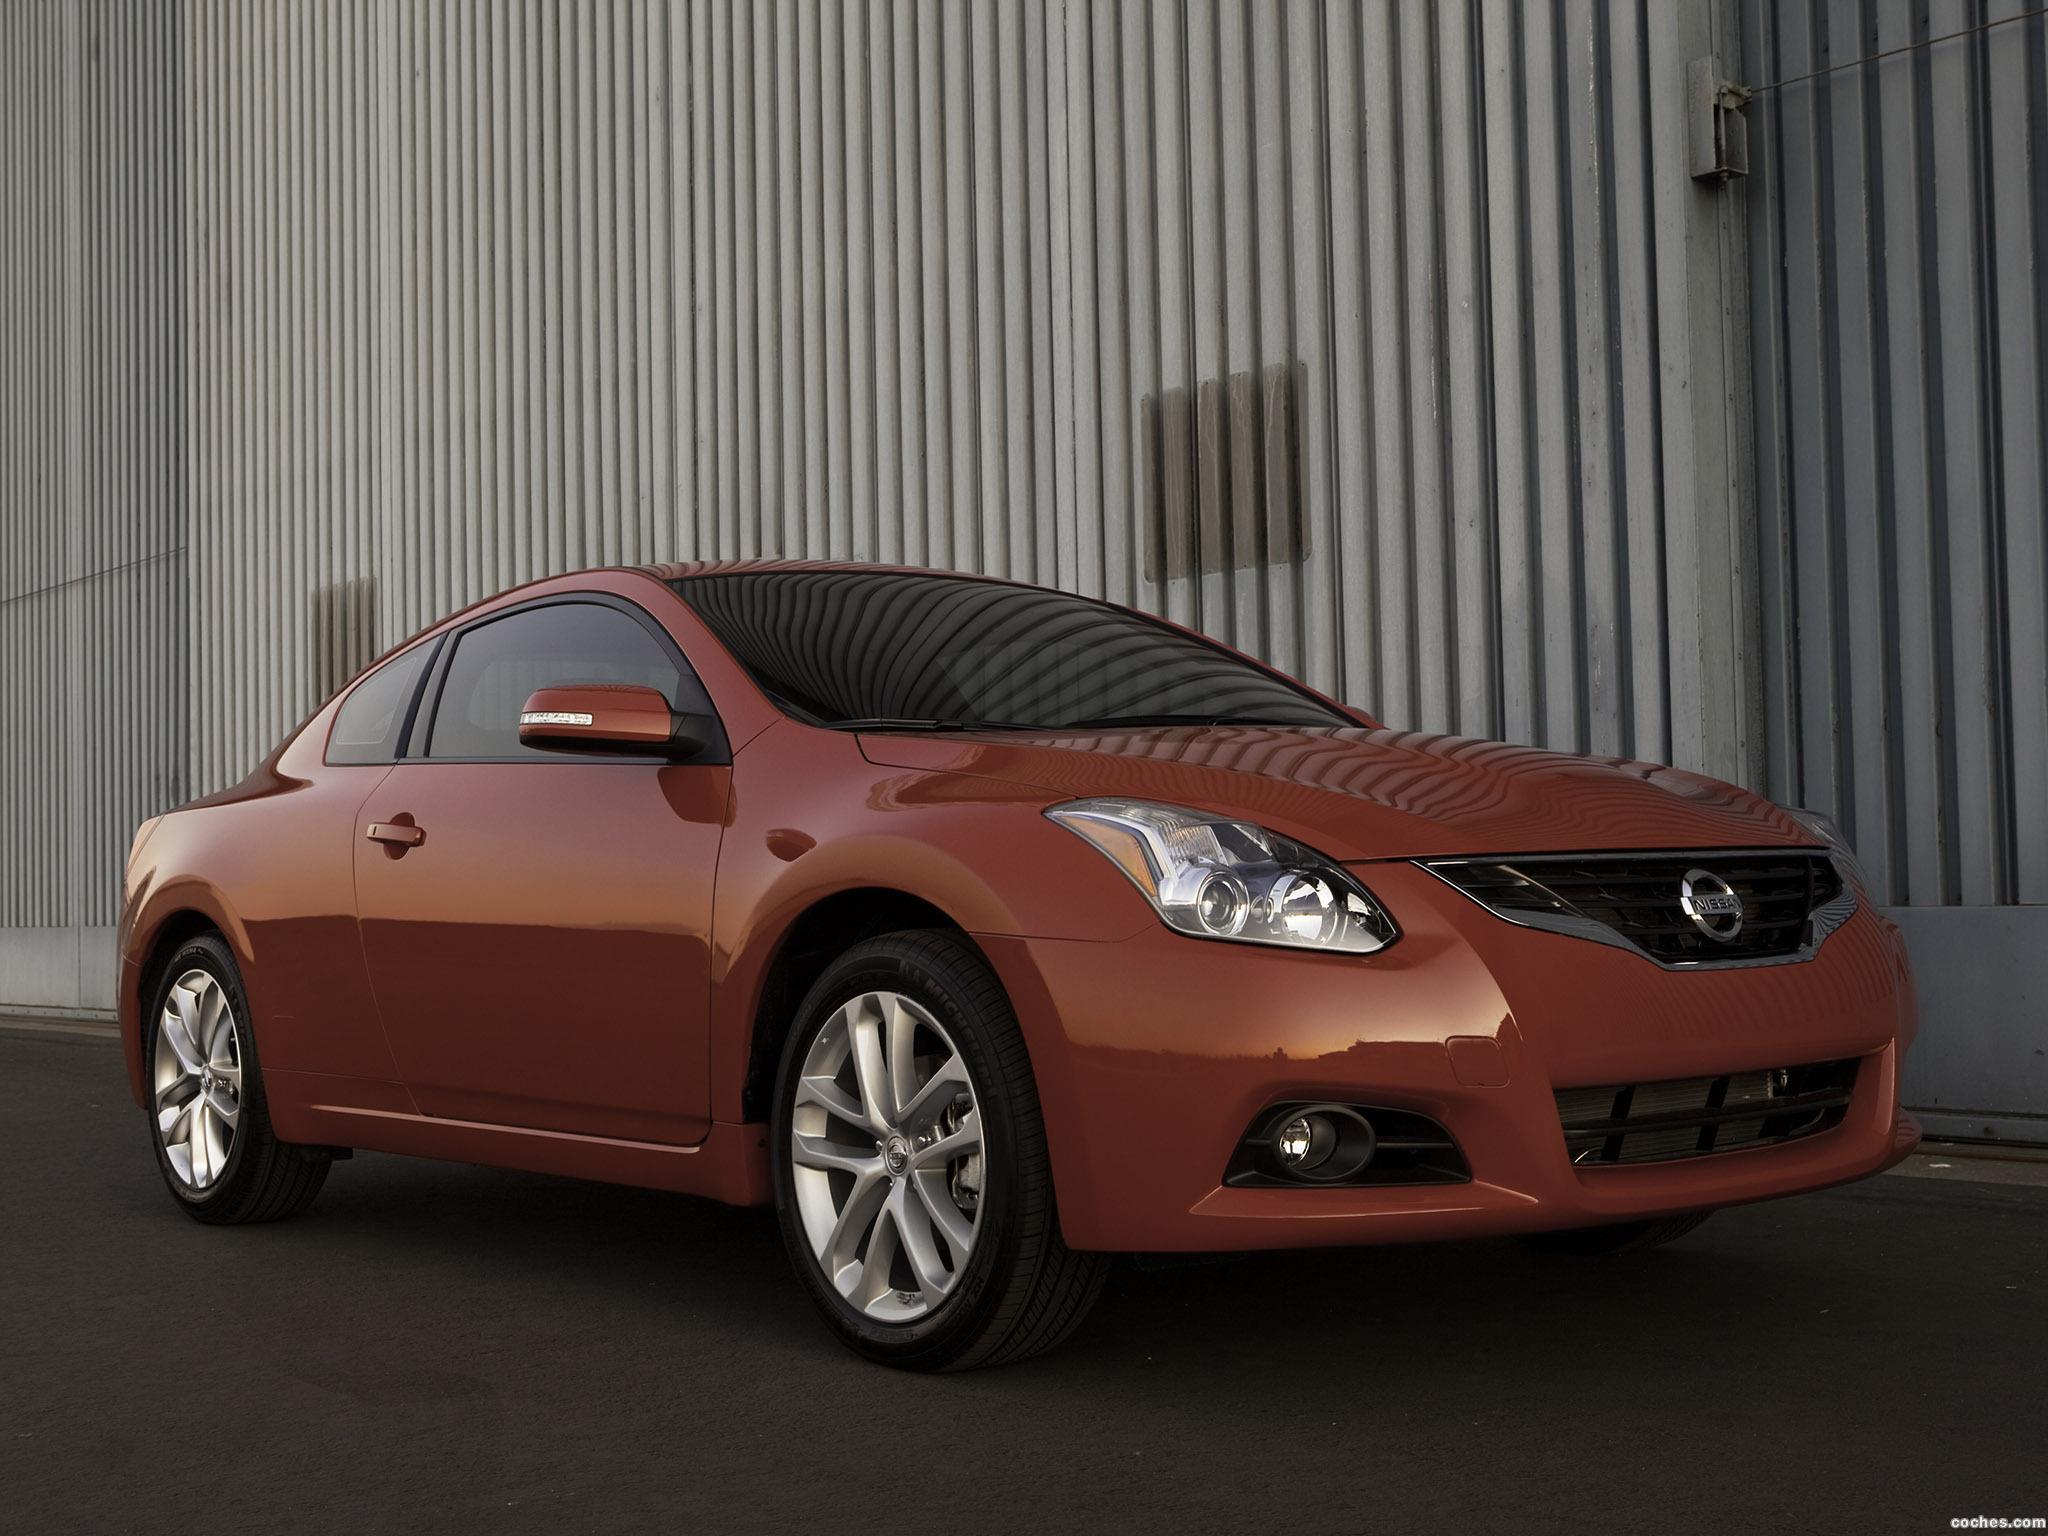 Foto 0 de Nissan Altima Coupe 2010